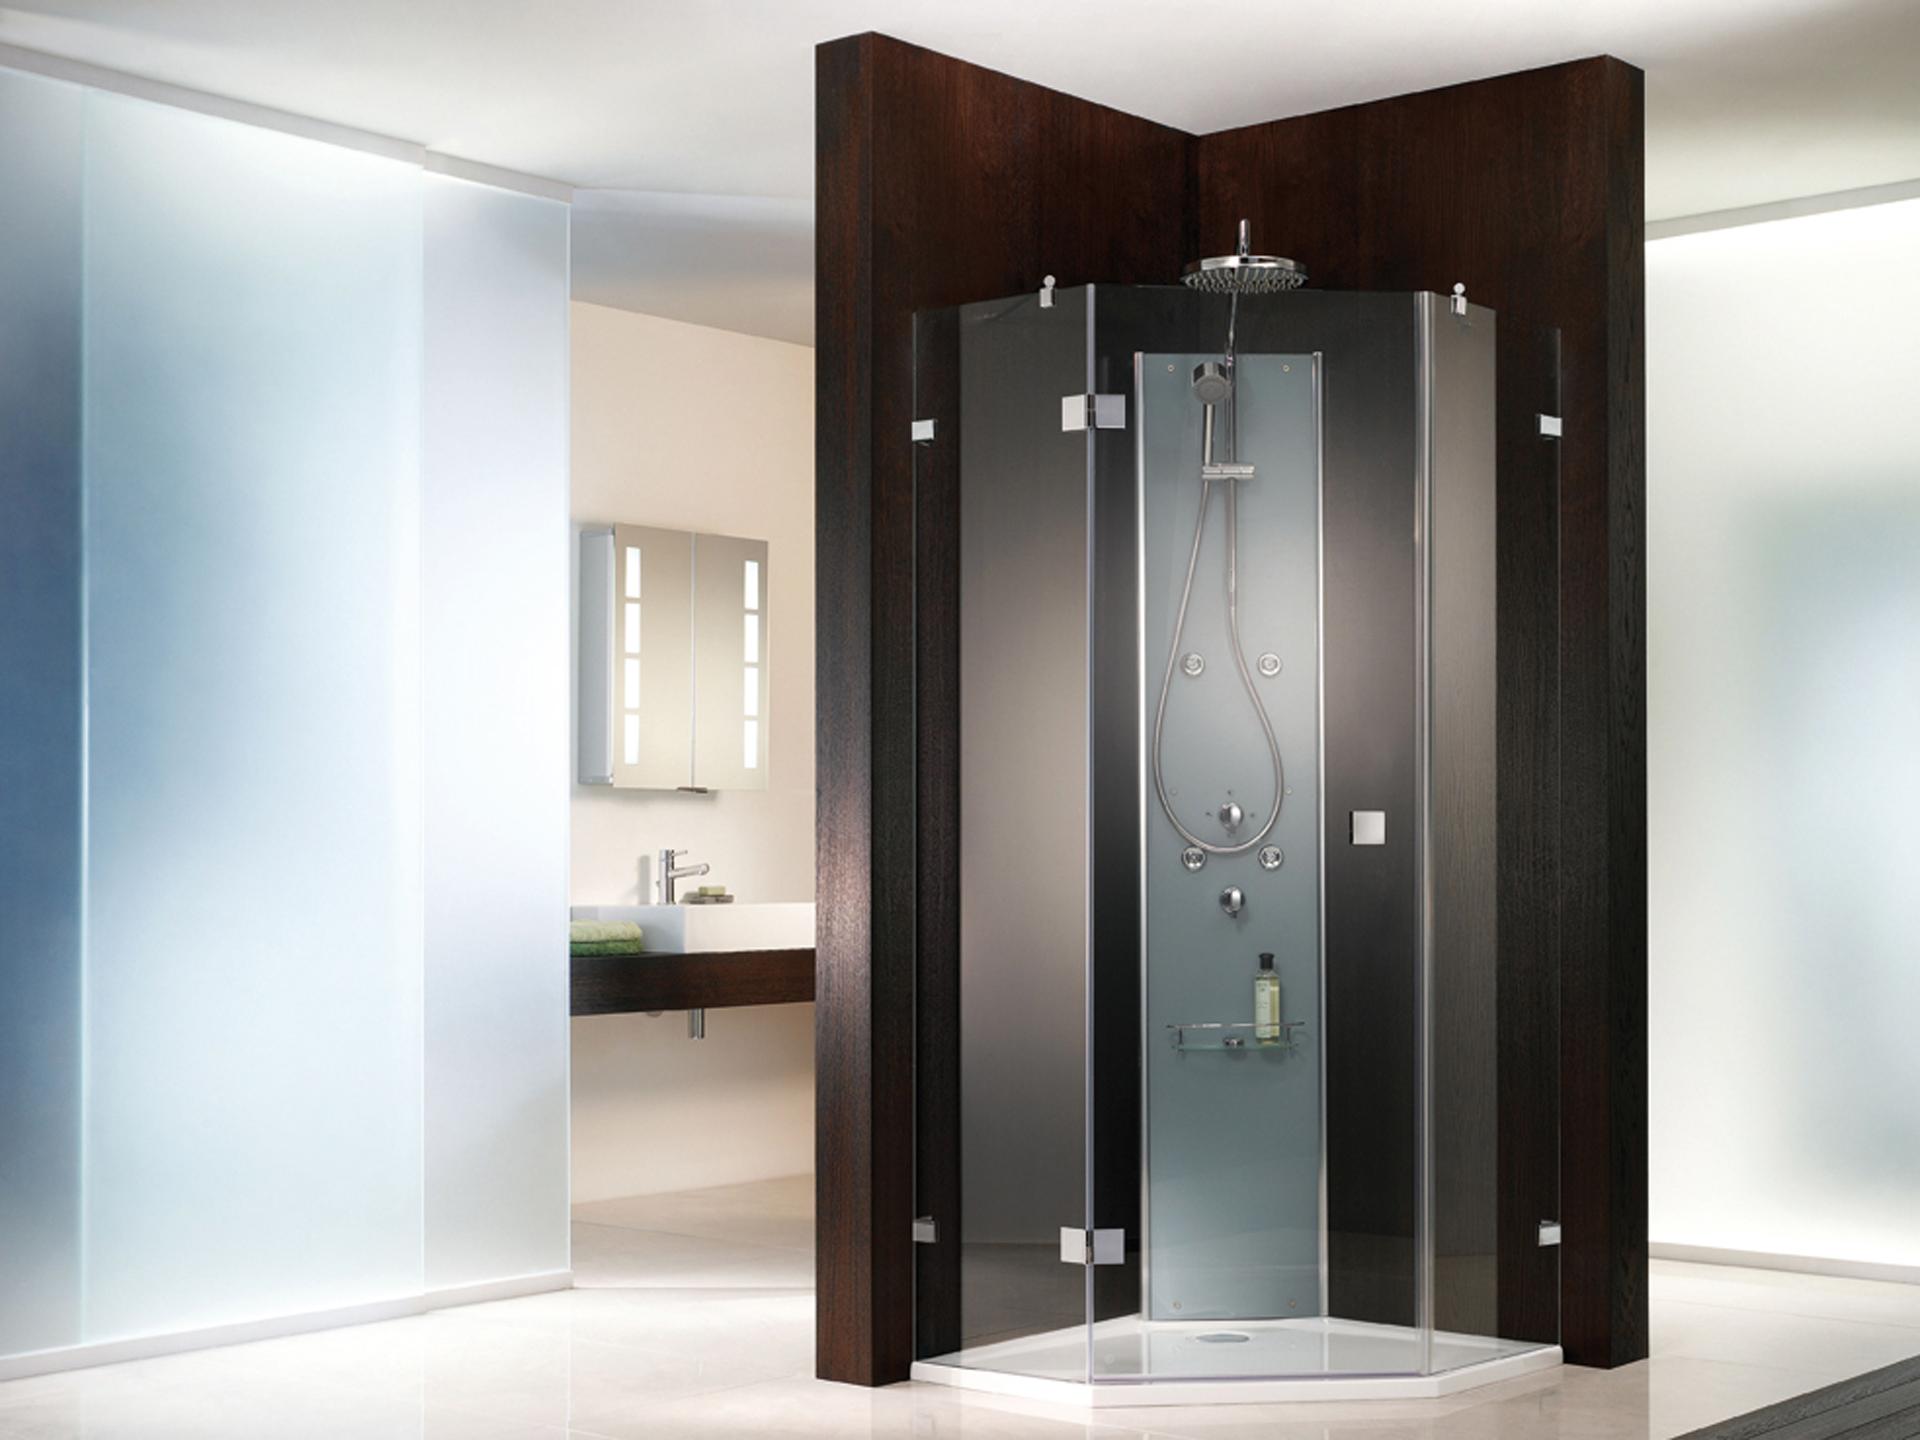 Duschkabine unter dachschrge simple duschkabine unter for Duschkabine in dachschrage